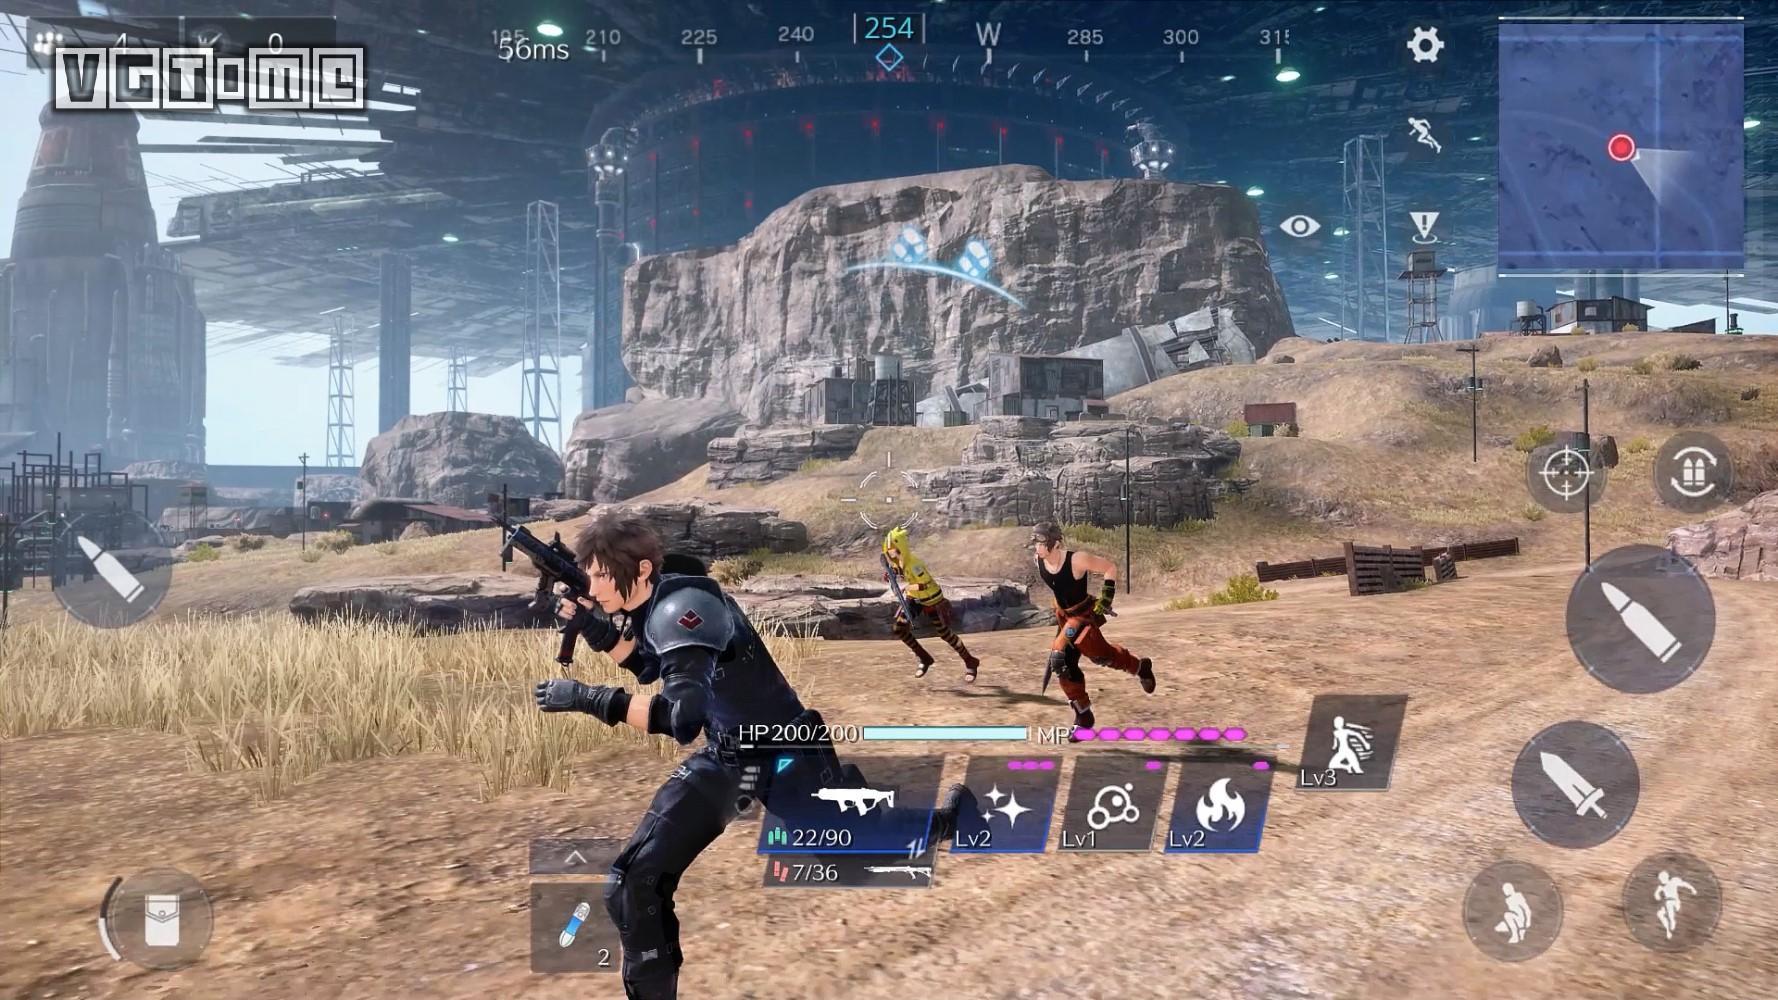 野村哲也透露《最终幻想7 第一战士》背景设定和玩法